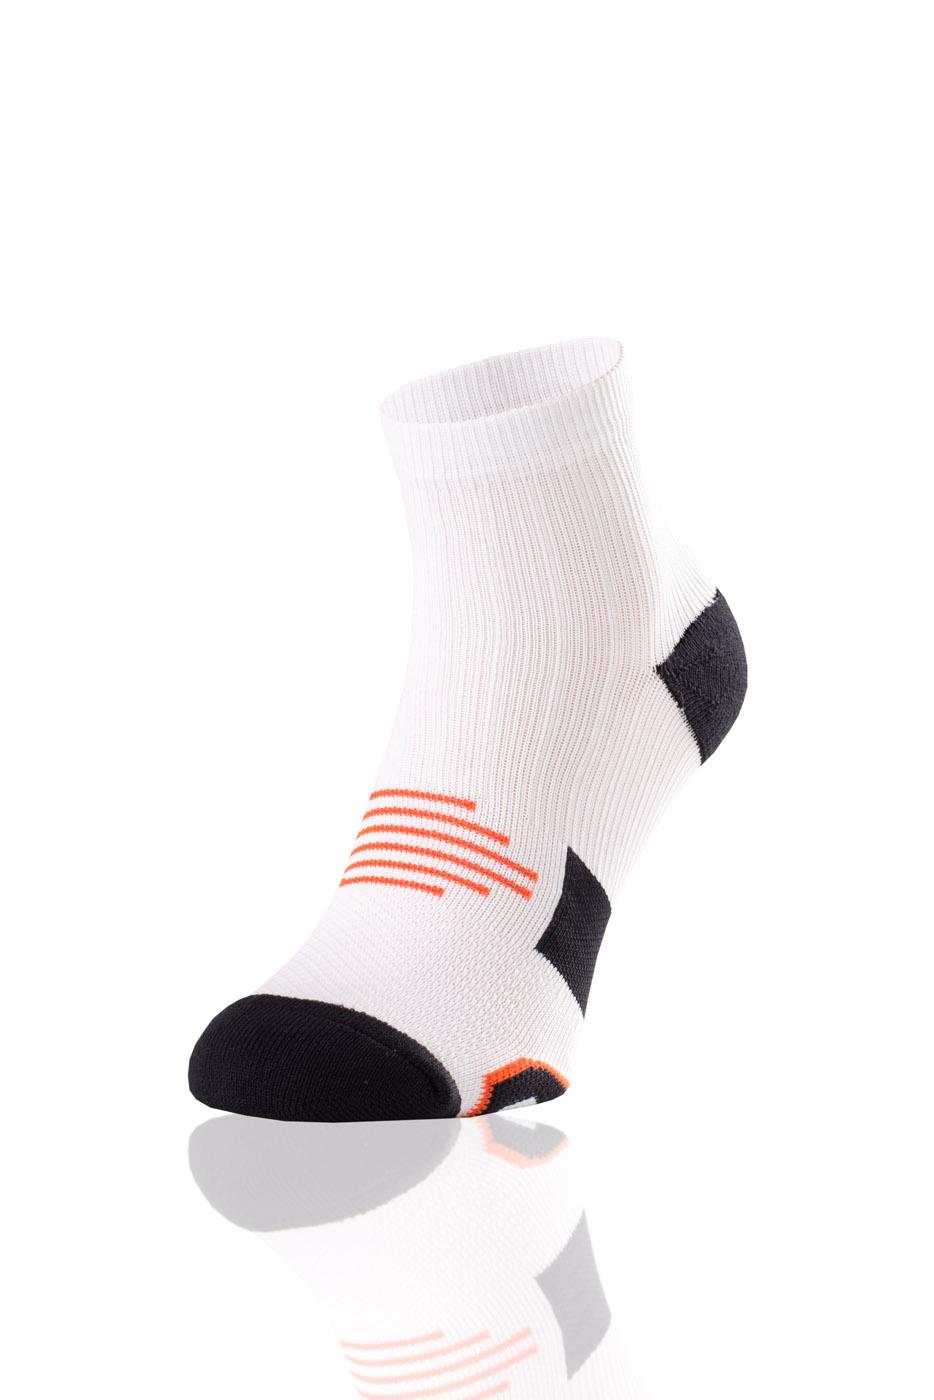 Nessi Bežecké Ponožky Maraton RMN-1 - Bílá Barva: Bílá, Velikost: 42-44